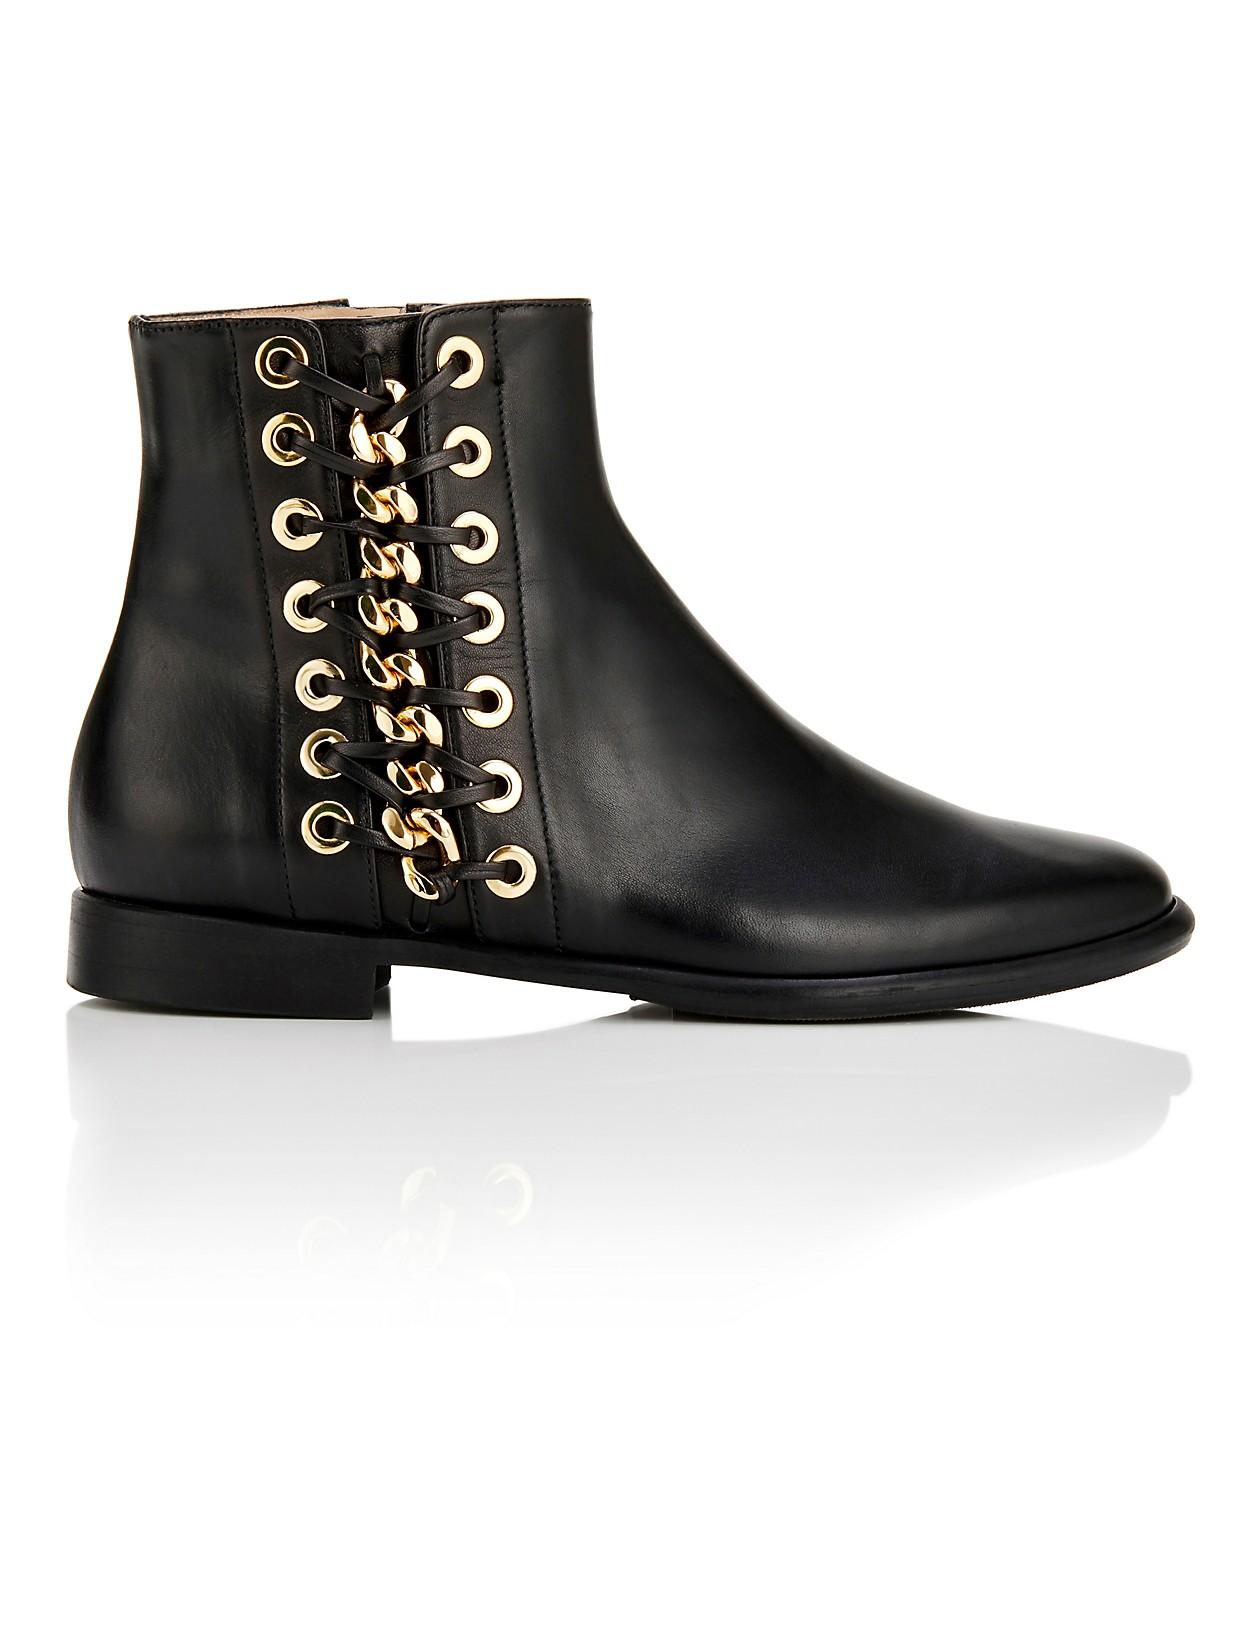 finest selection c53df 4ca37 Leder-Boots mit Ketten und Ösen, schwarz, schwarz ...